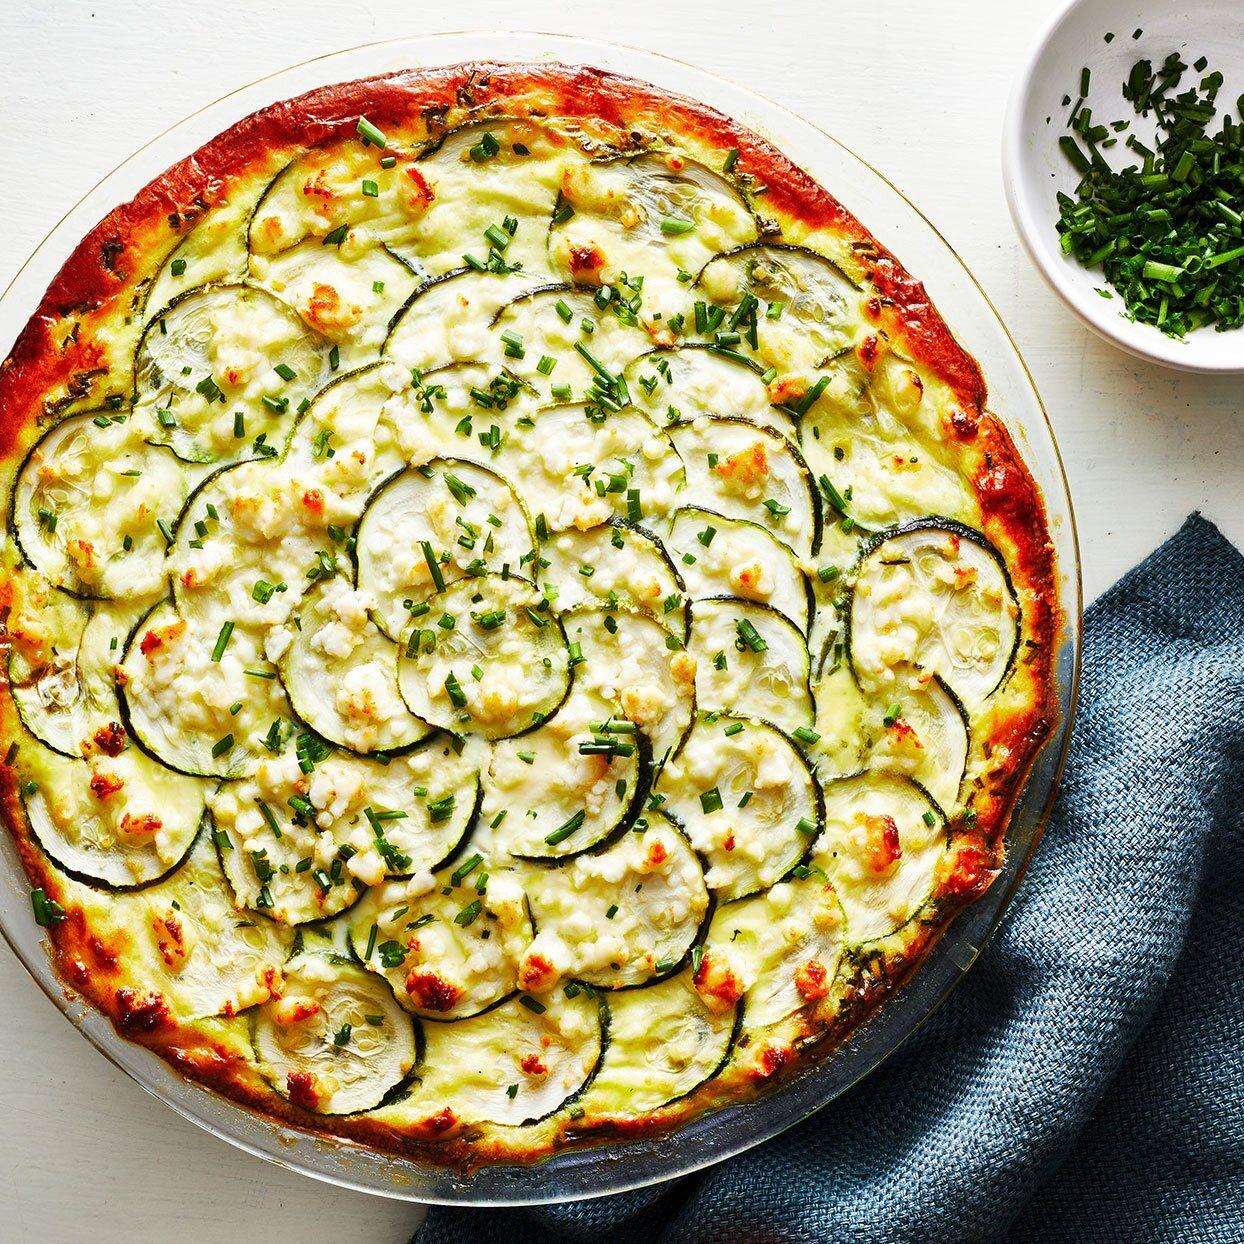 Cheesy Zucchini Quiche Recipe In 2020 Zucchini Quiche Recipes Zucchini Recipes Cheesy Zucchini Recipe